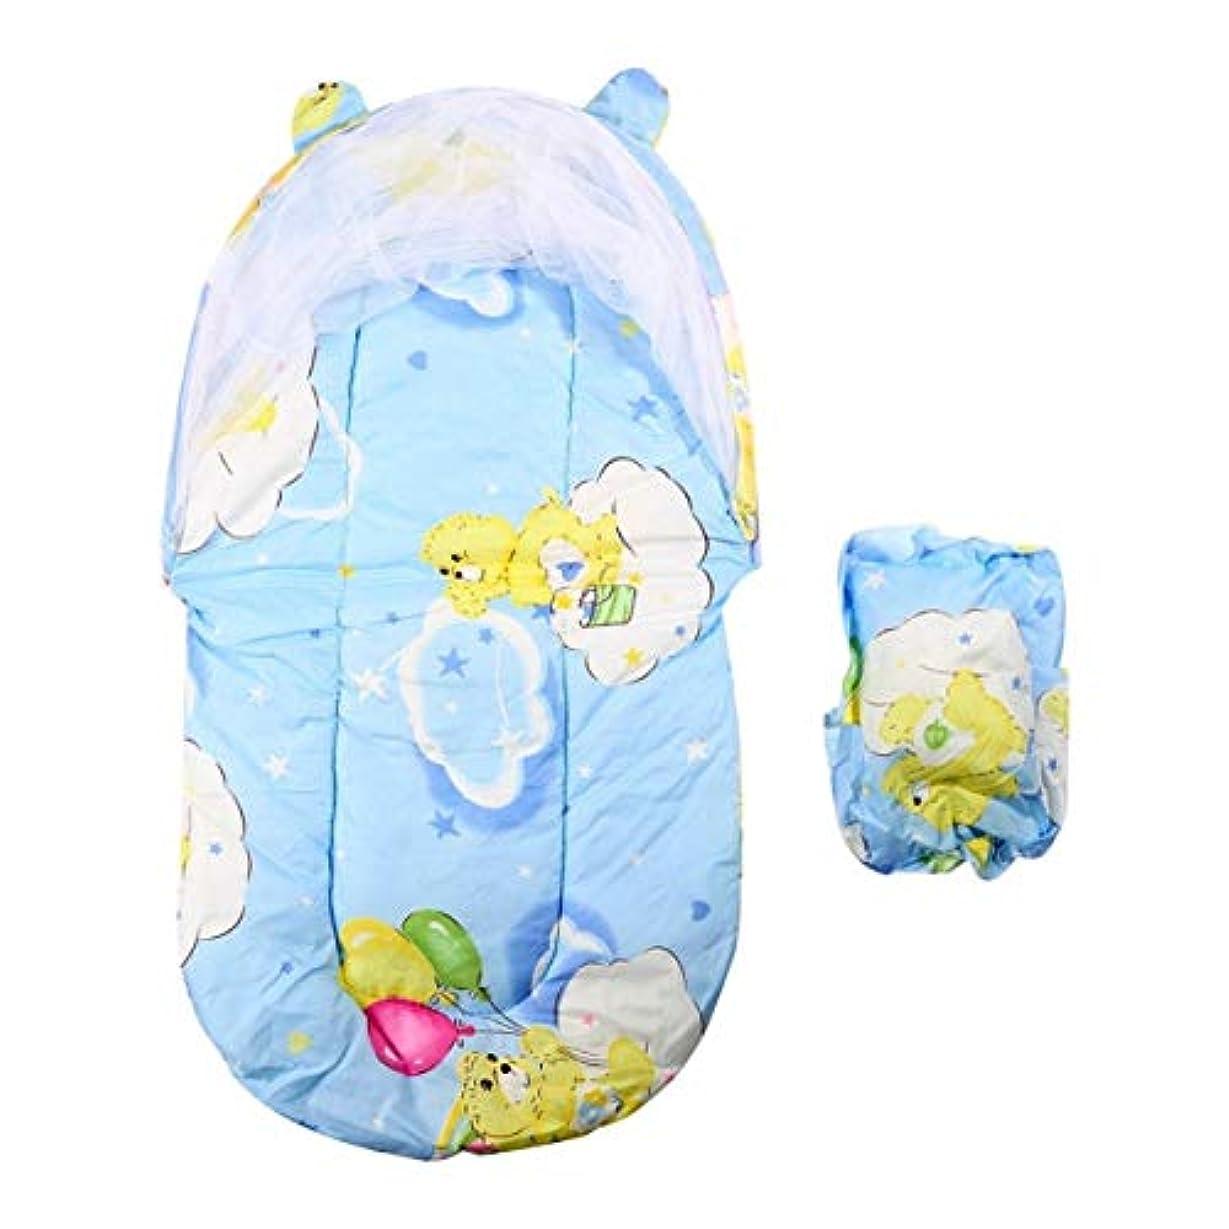 咳実施する姿を消すSaikogoods 折り畳み式の新しい赤ん坊の綿パッド入りマットレス幼児枕ベッド蚊帳テントはキッズベビーベッドアクセサリーハングドームフロアスタンド 青